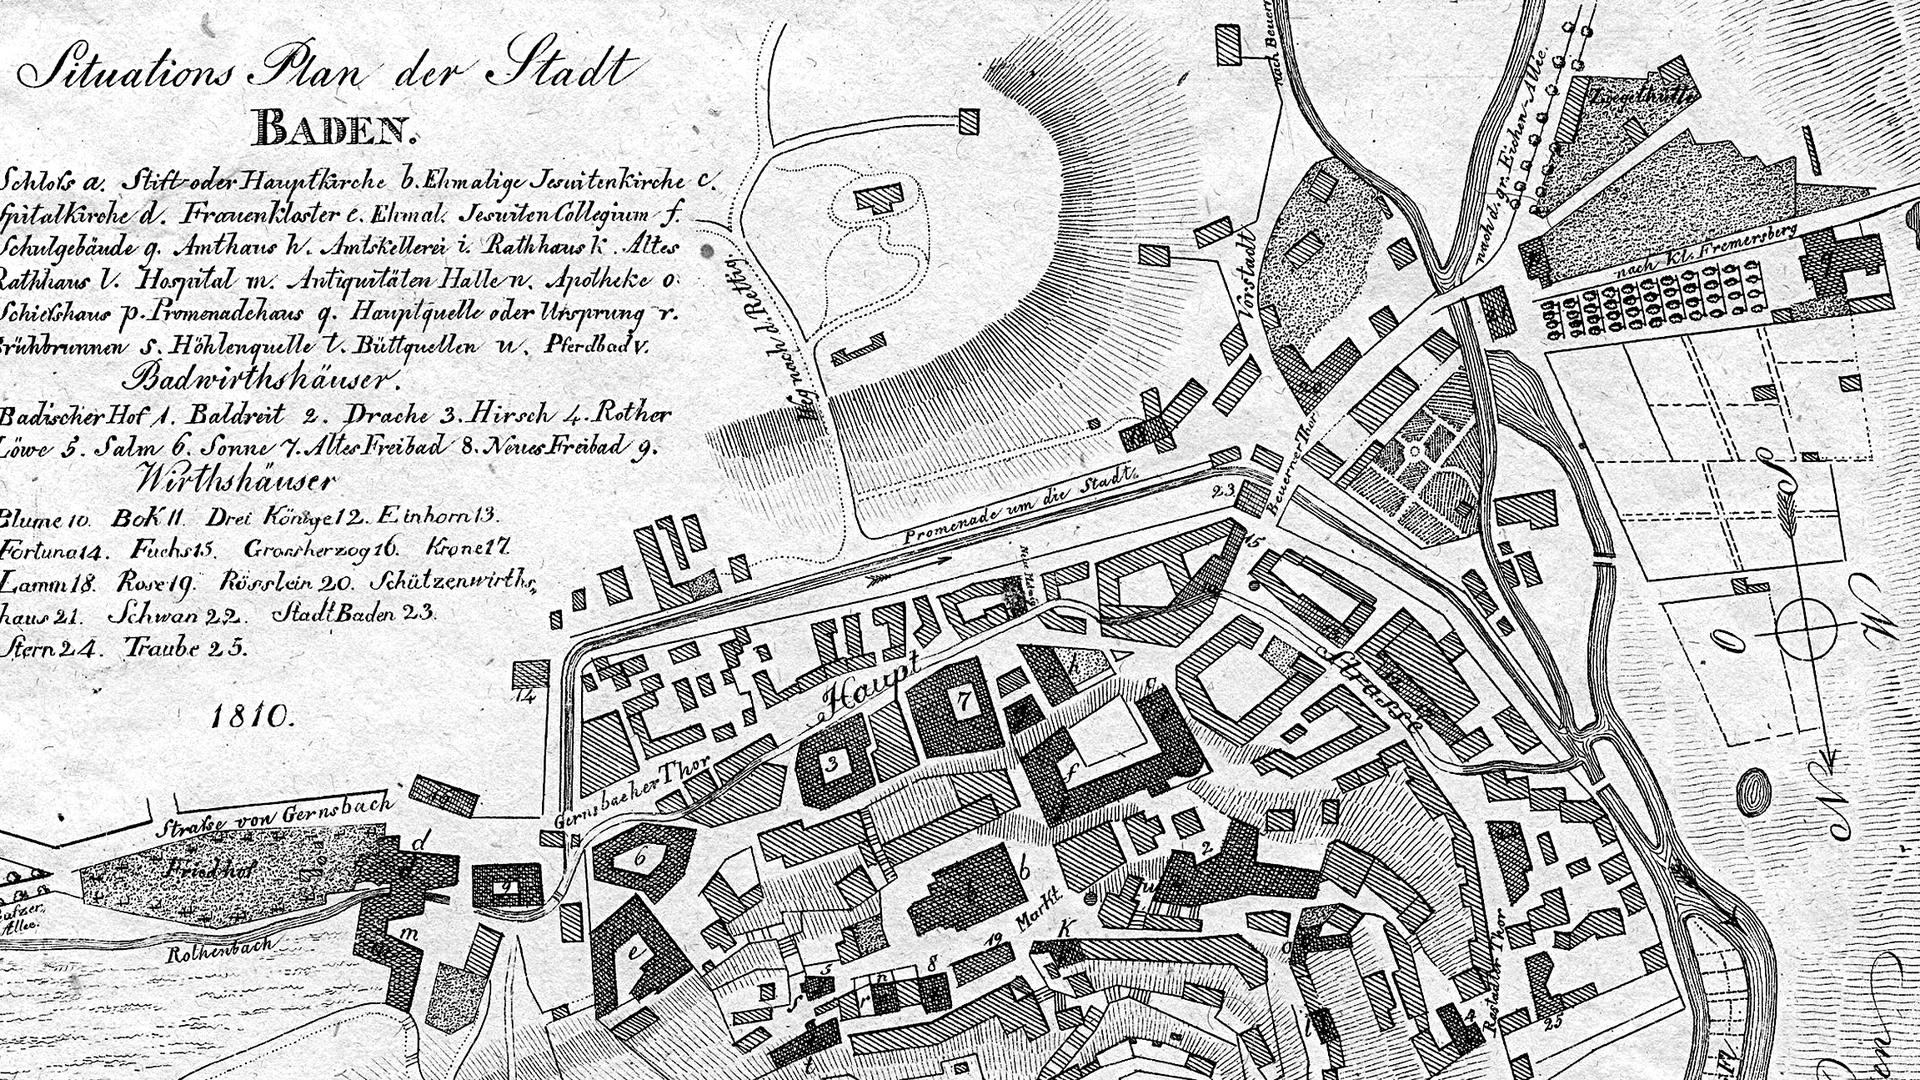 Baden-Baden: Stadtplan von 1810. Oben rechts ist das Promenadehaus mit der Kastanienallee zu sehen.